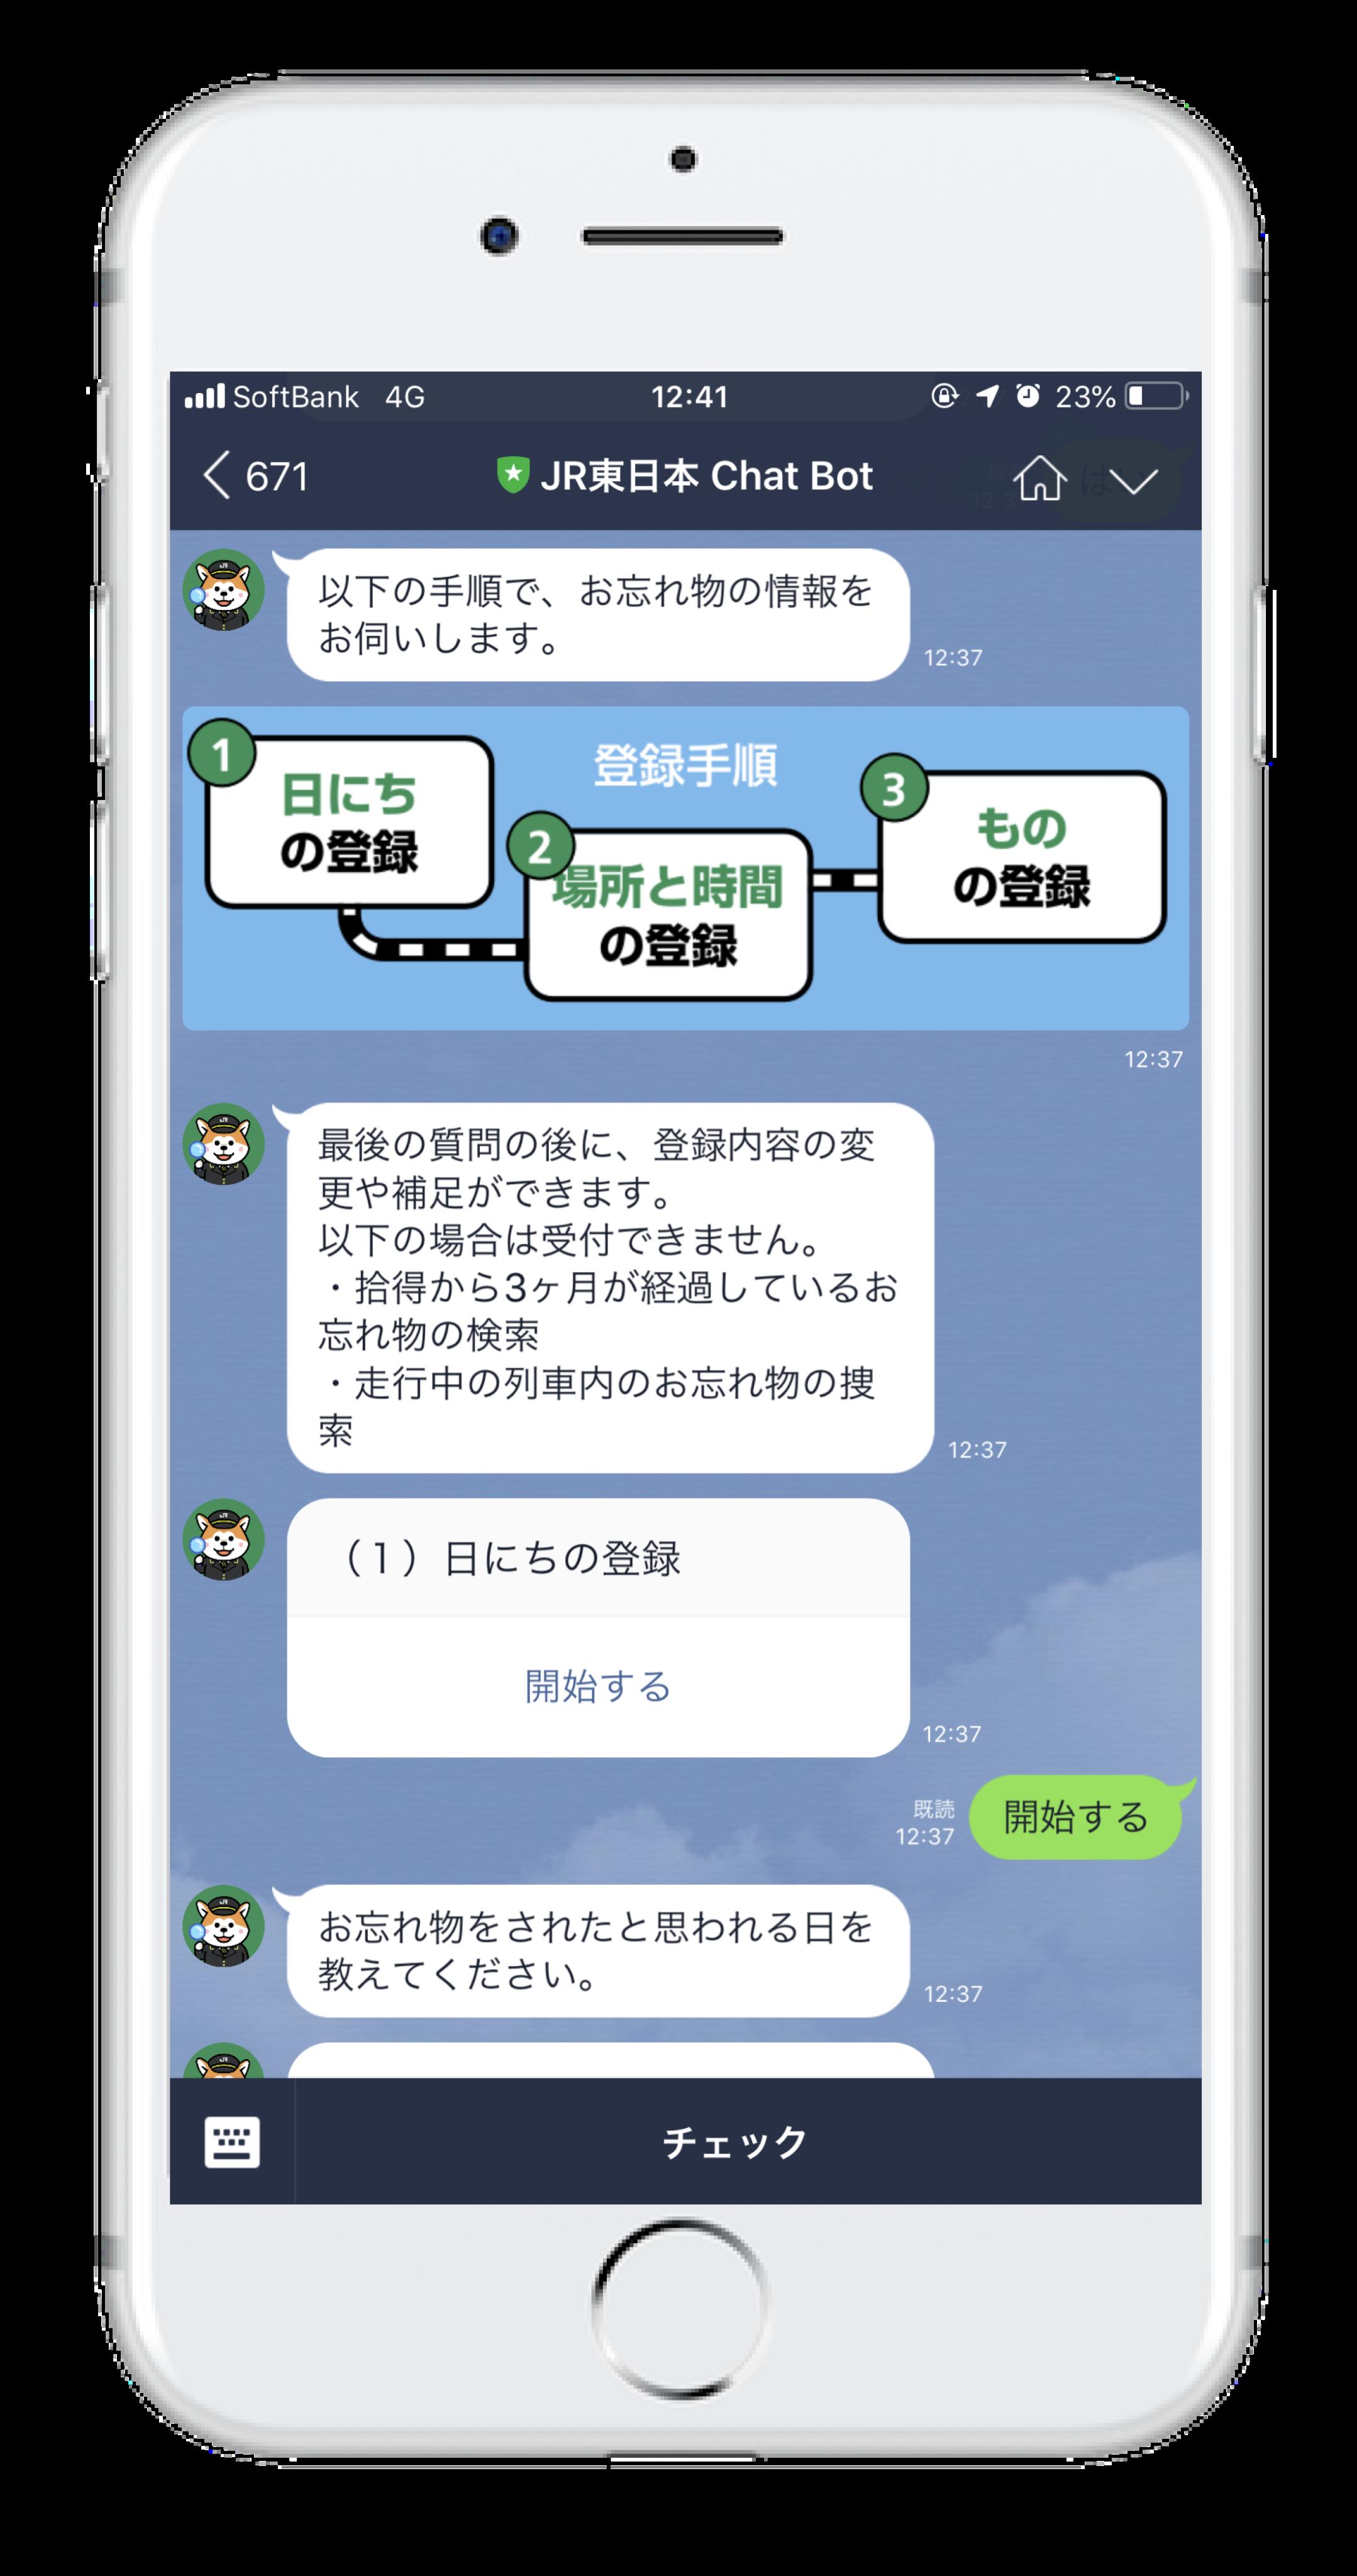 ミニアプリ活用事例JR東日本1